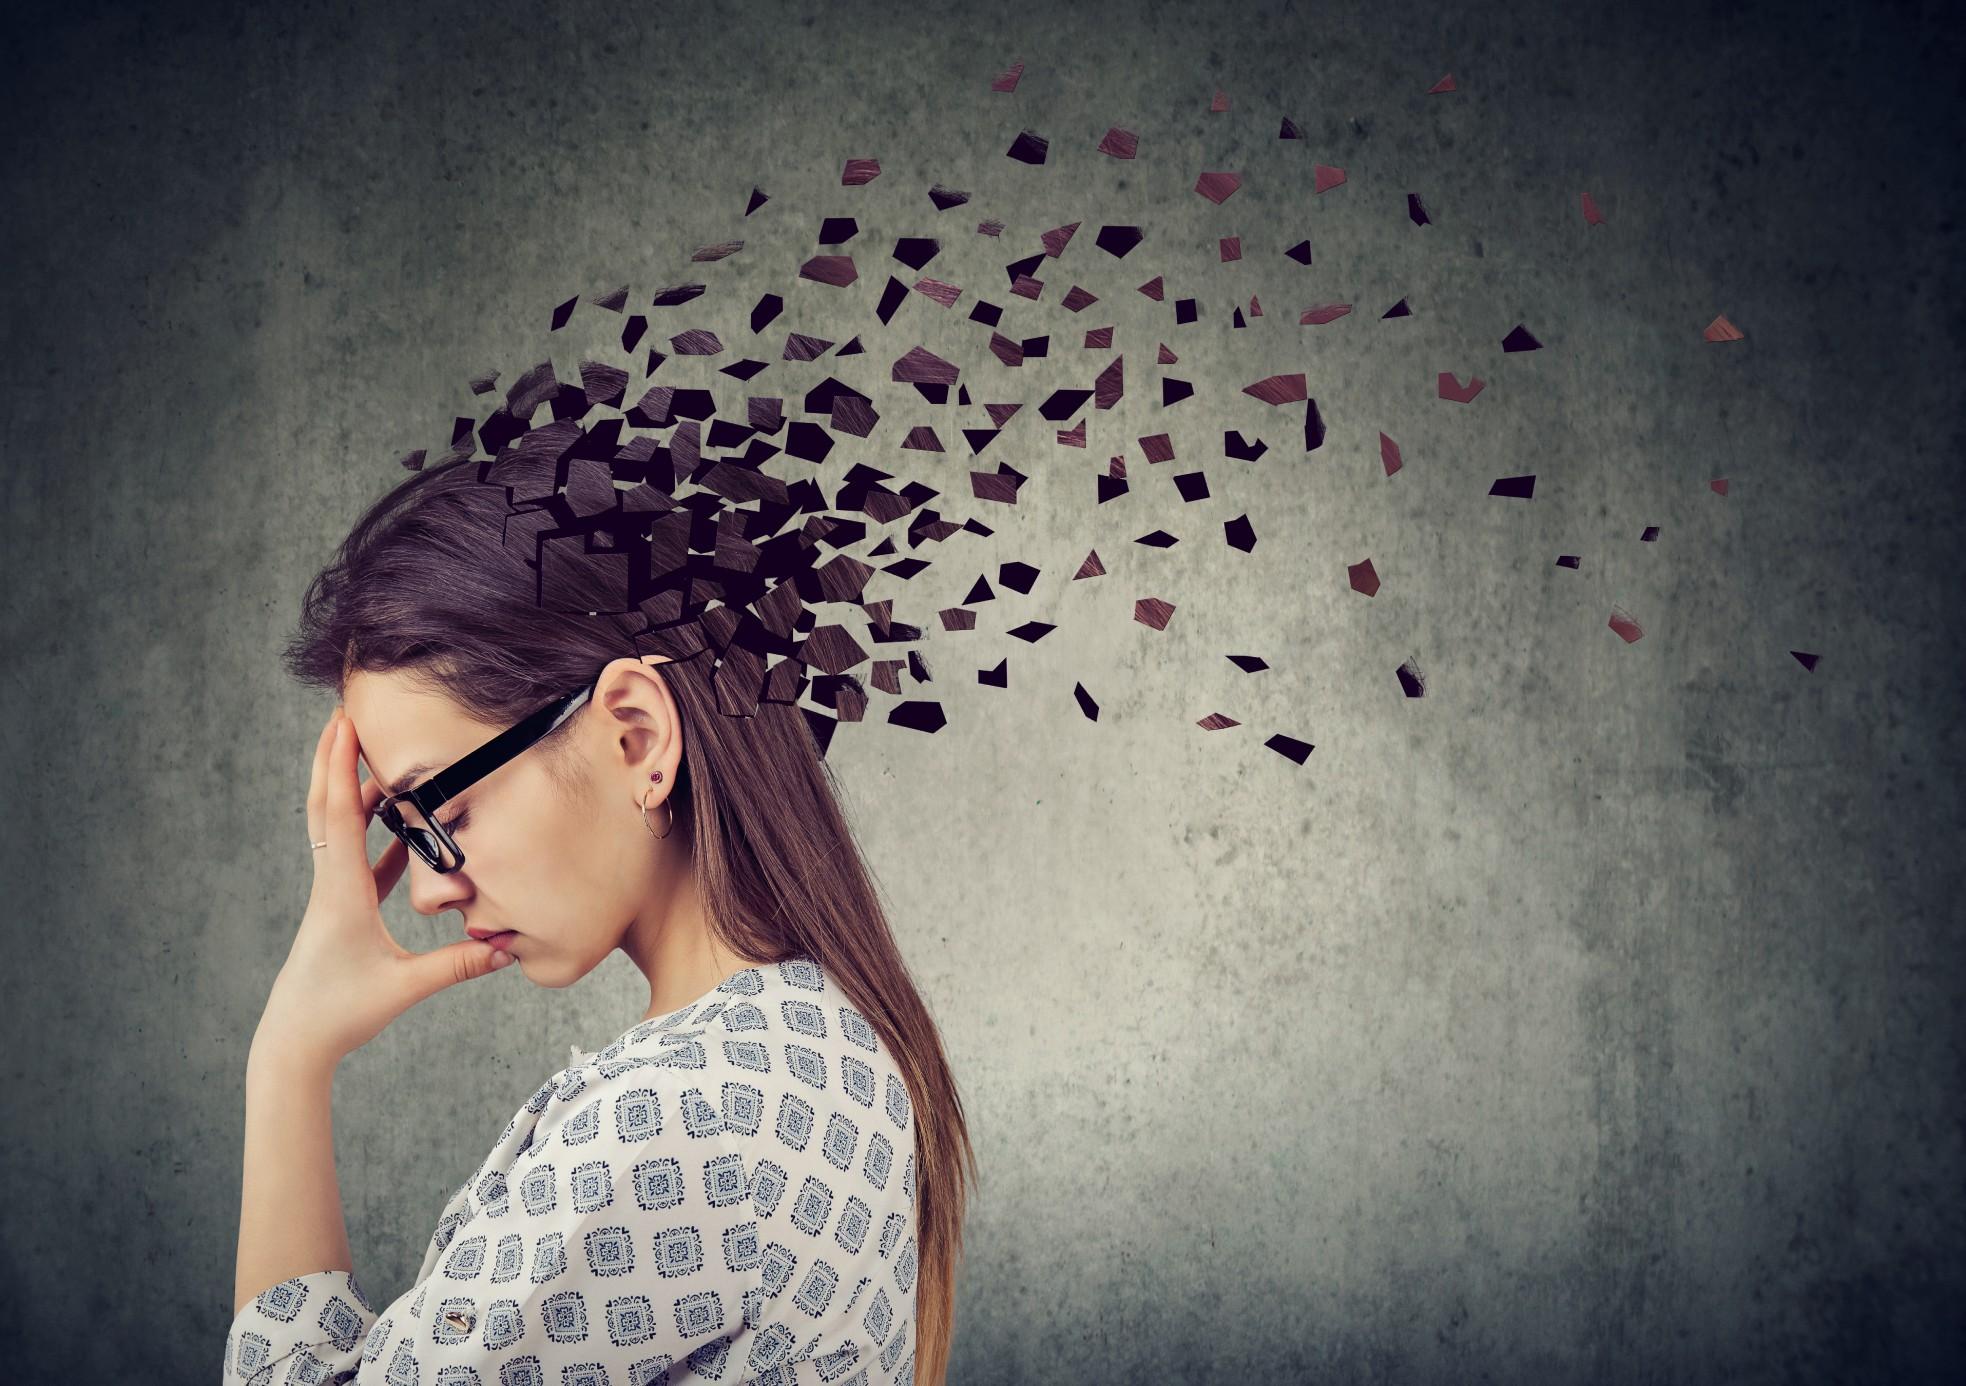 Descubra maneiras de melhorar a memória